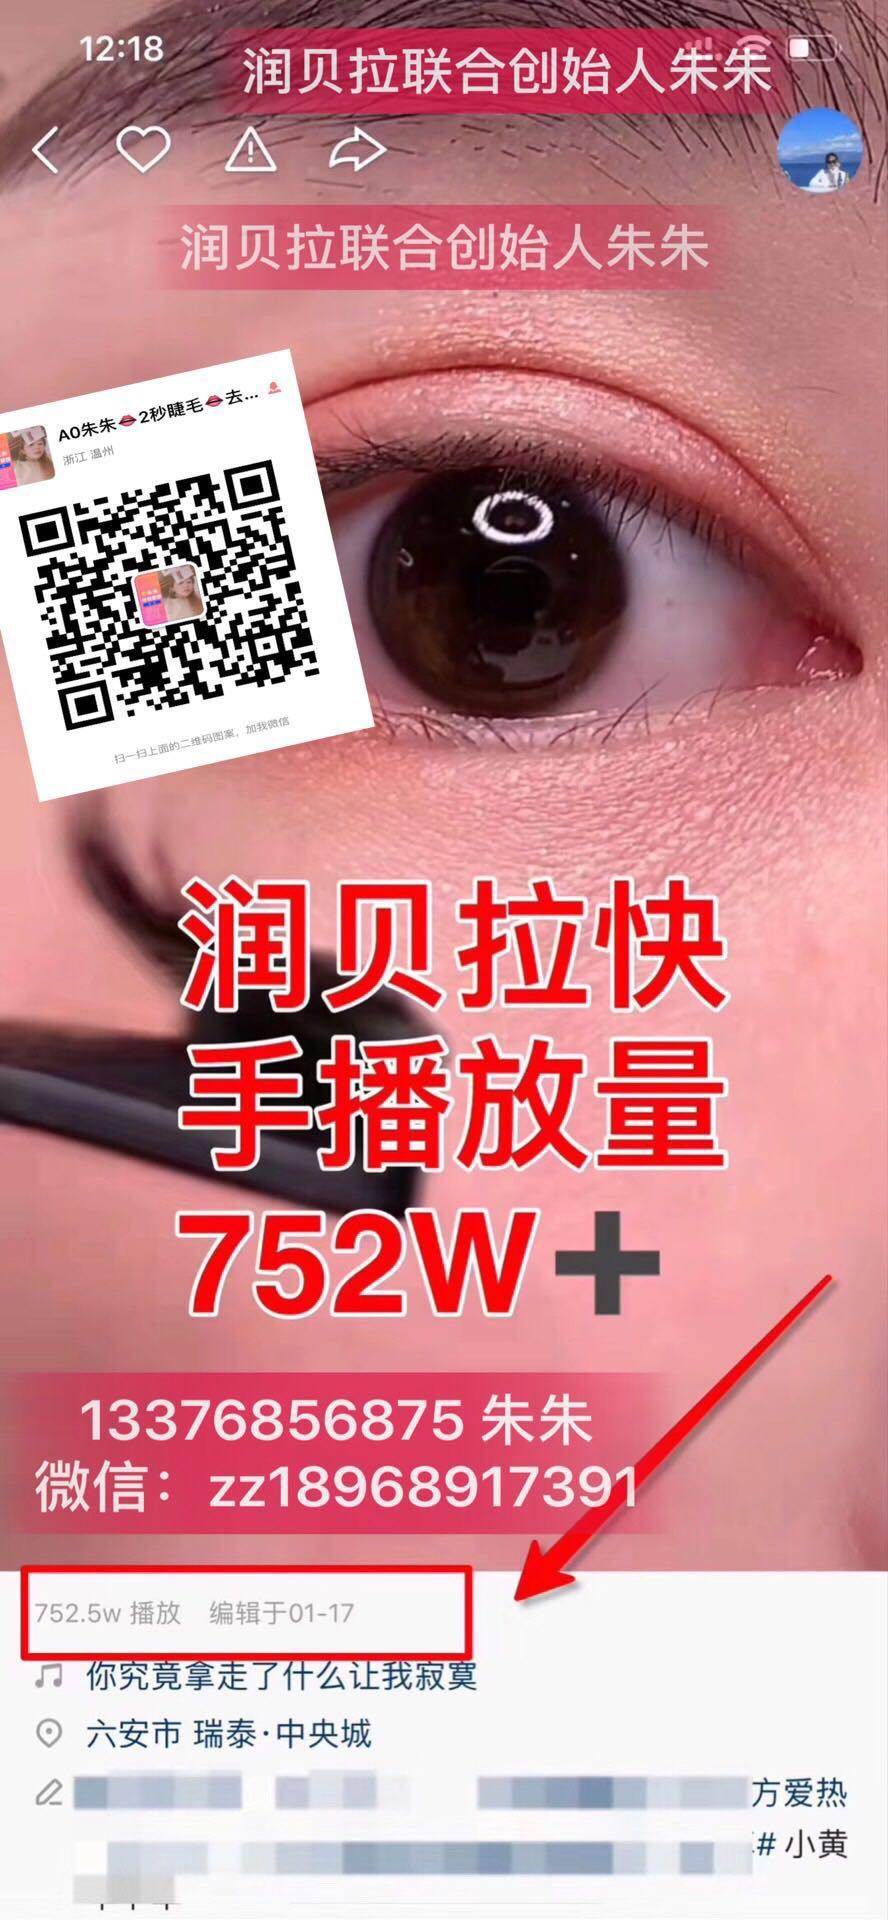 90997a5088e3dca9c025de4bca82329d_润贝拉2秒睫毛怎么加盟?联系谁可以做代理?